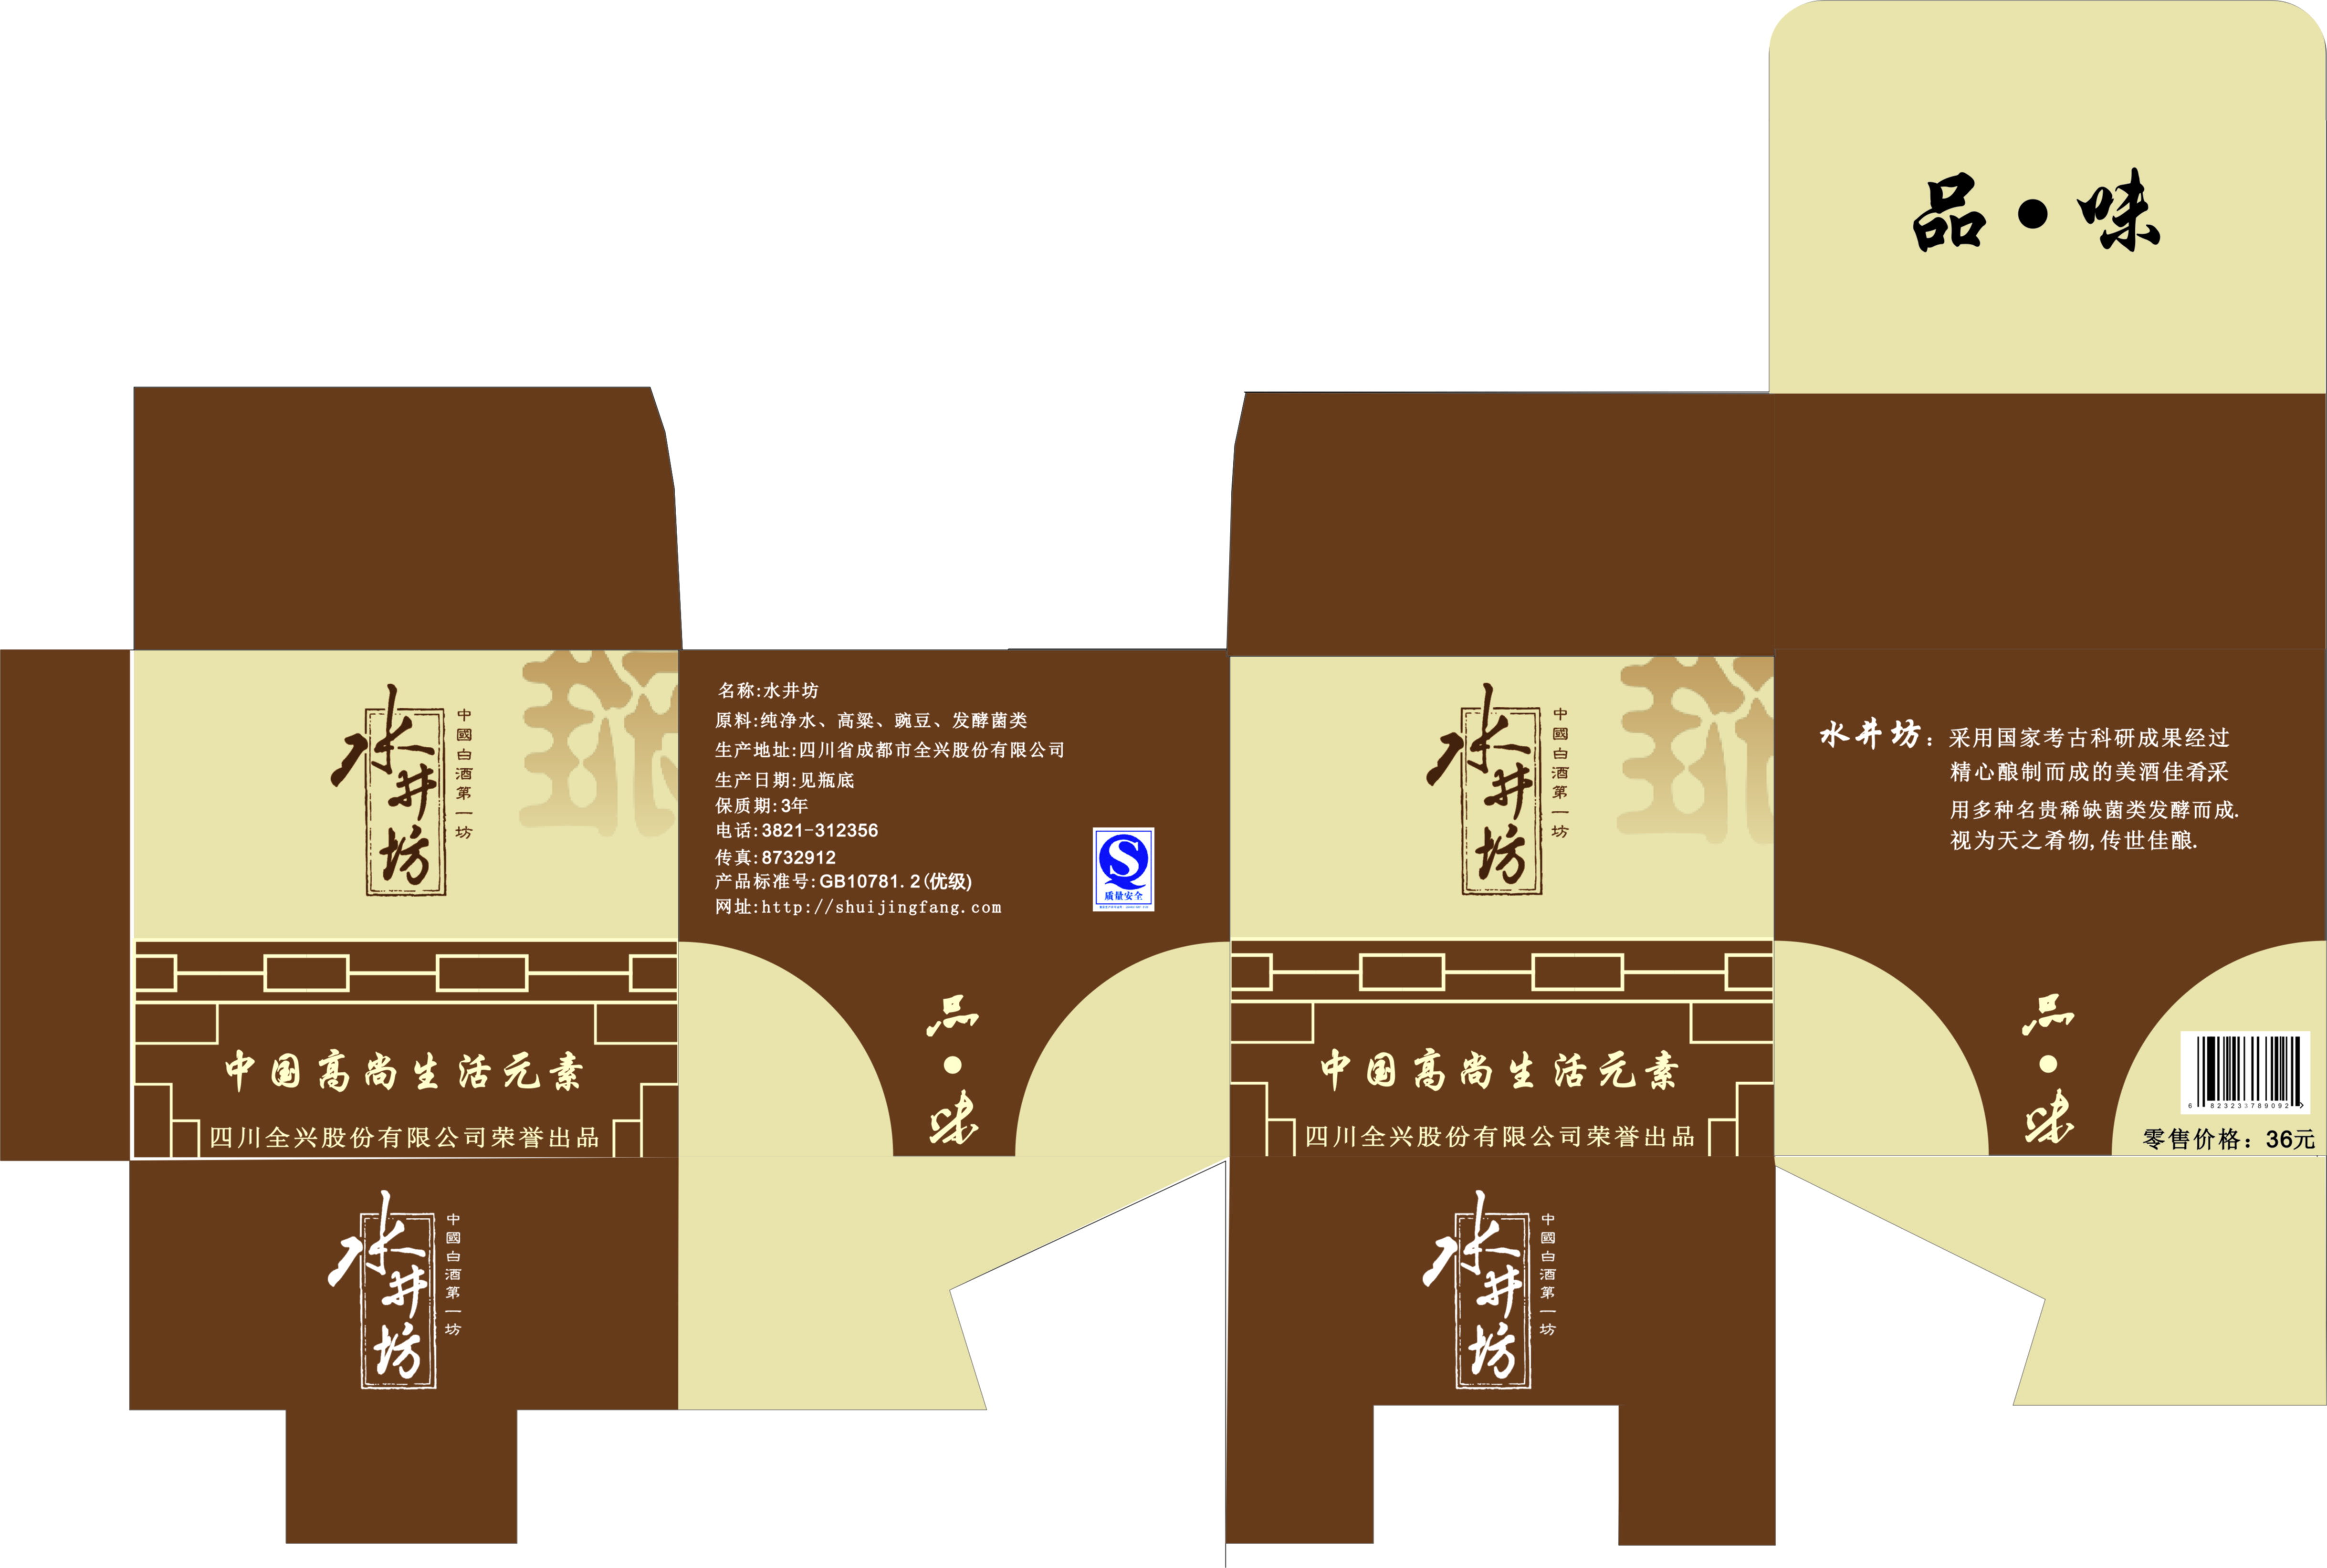 包装 包装设计 设计 4876_3286图片